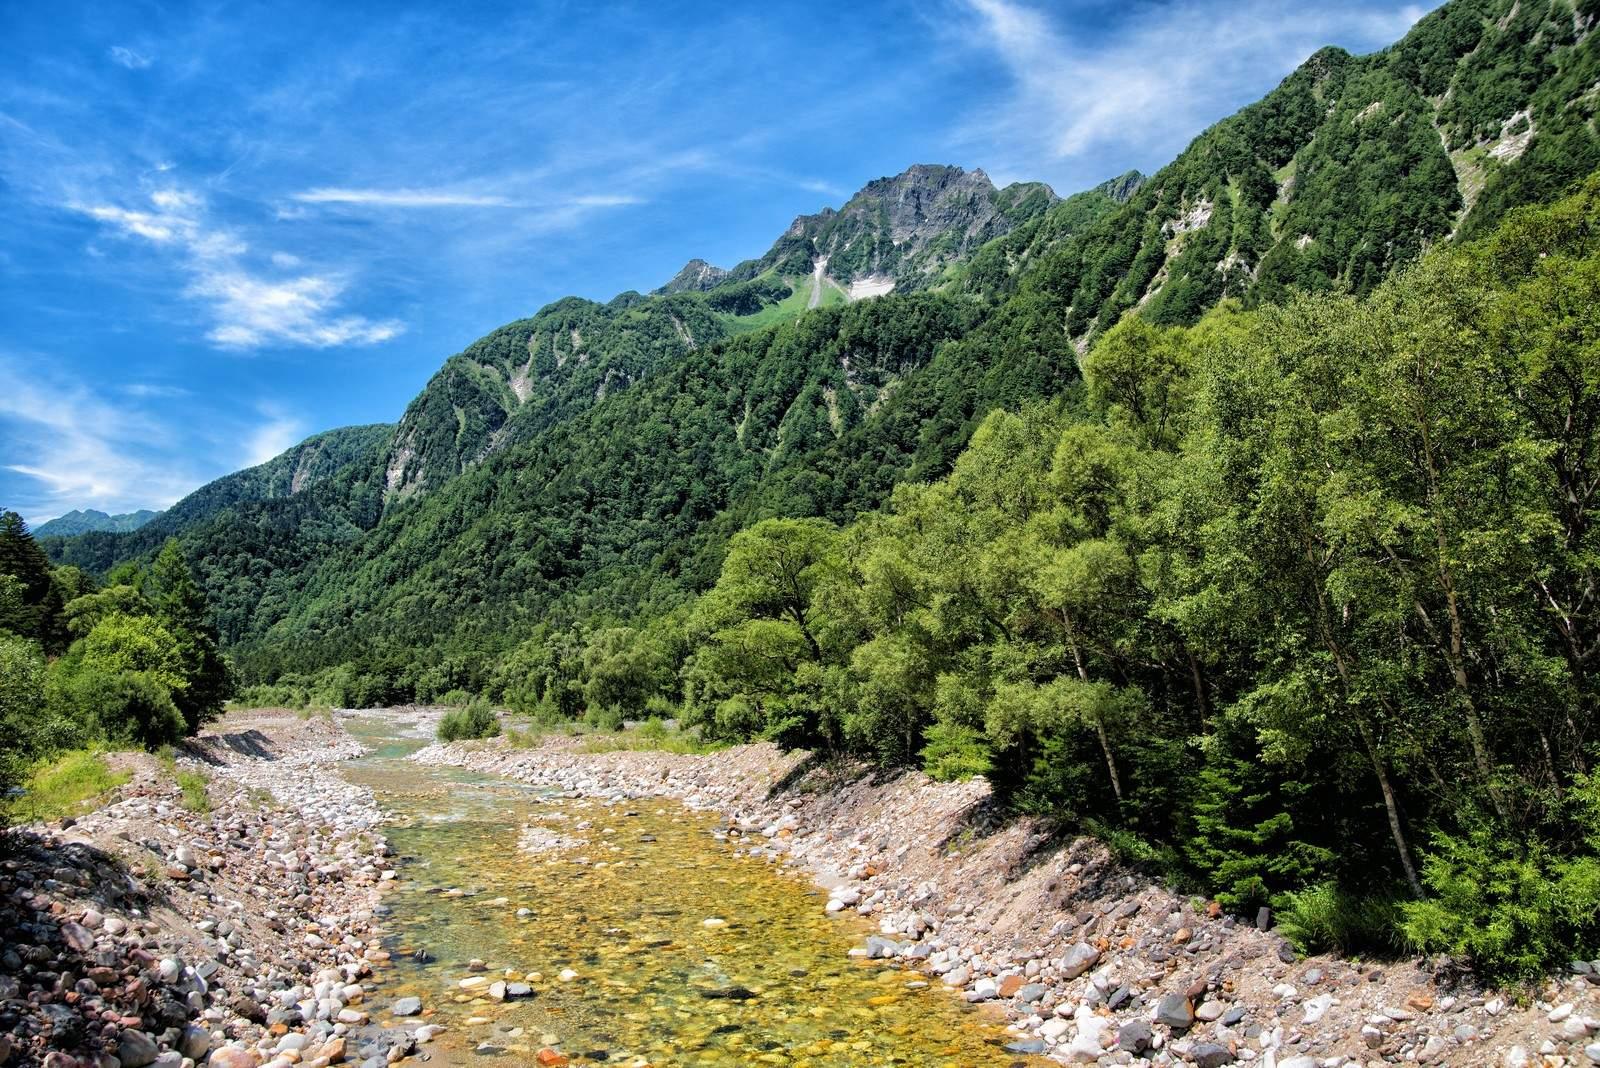 日本の川・湖 特徴と要点のまとめ - 中学受験・中学試験対策